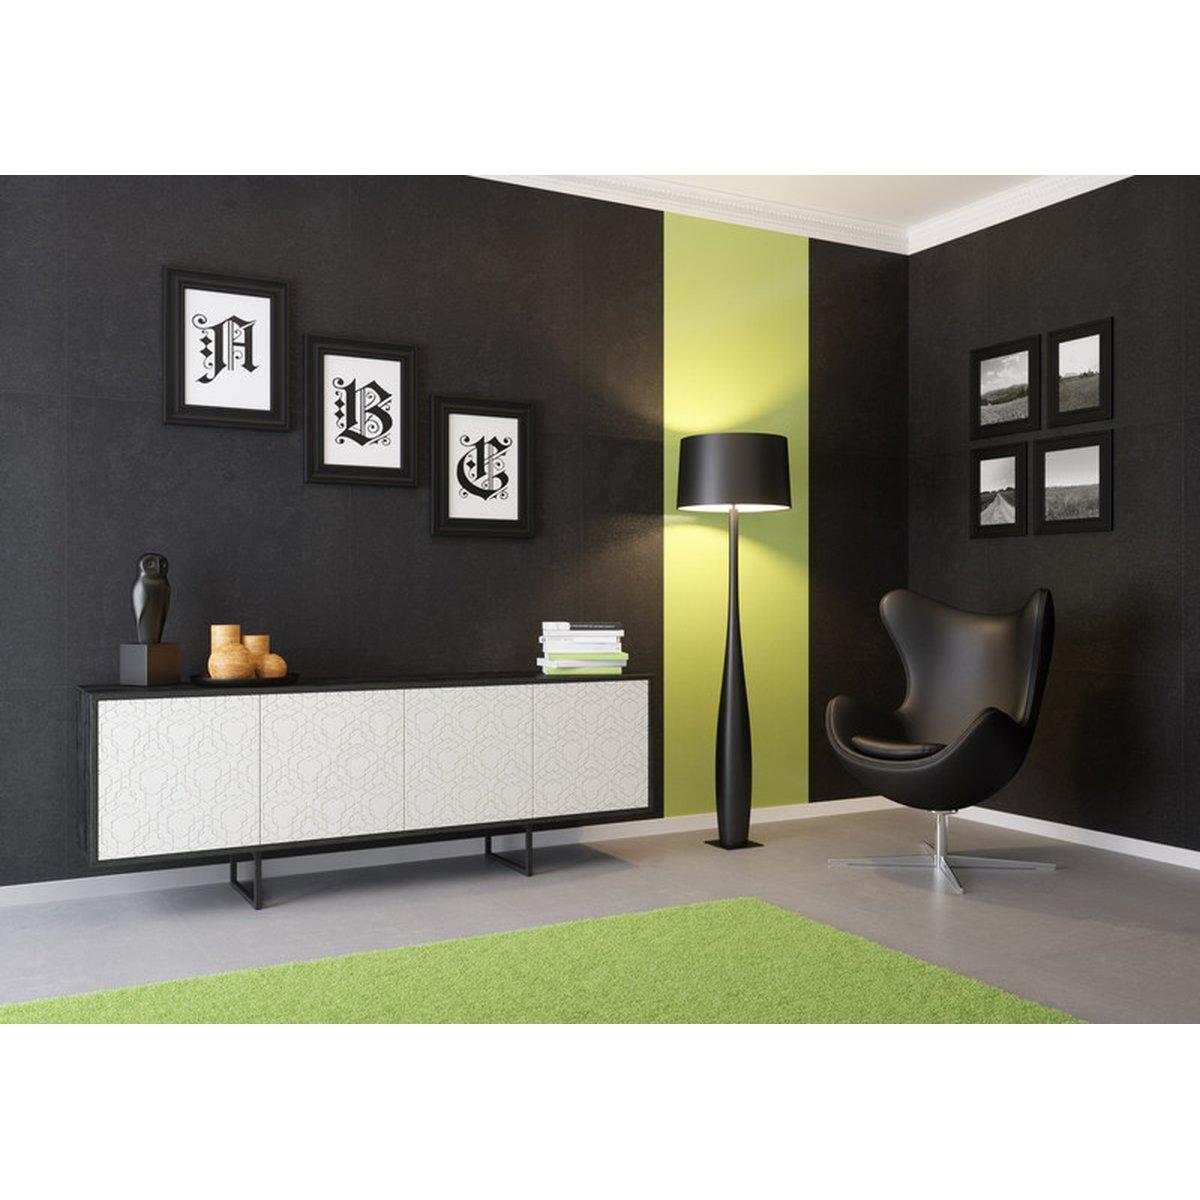 Kommode Sideboard Lowboard Anrichte Wohnzimmer Schrank ...